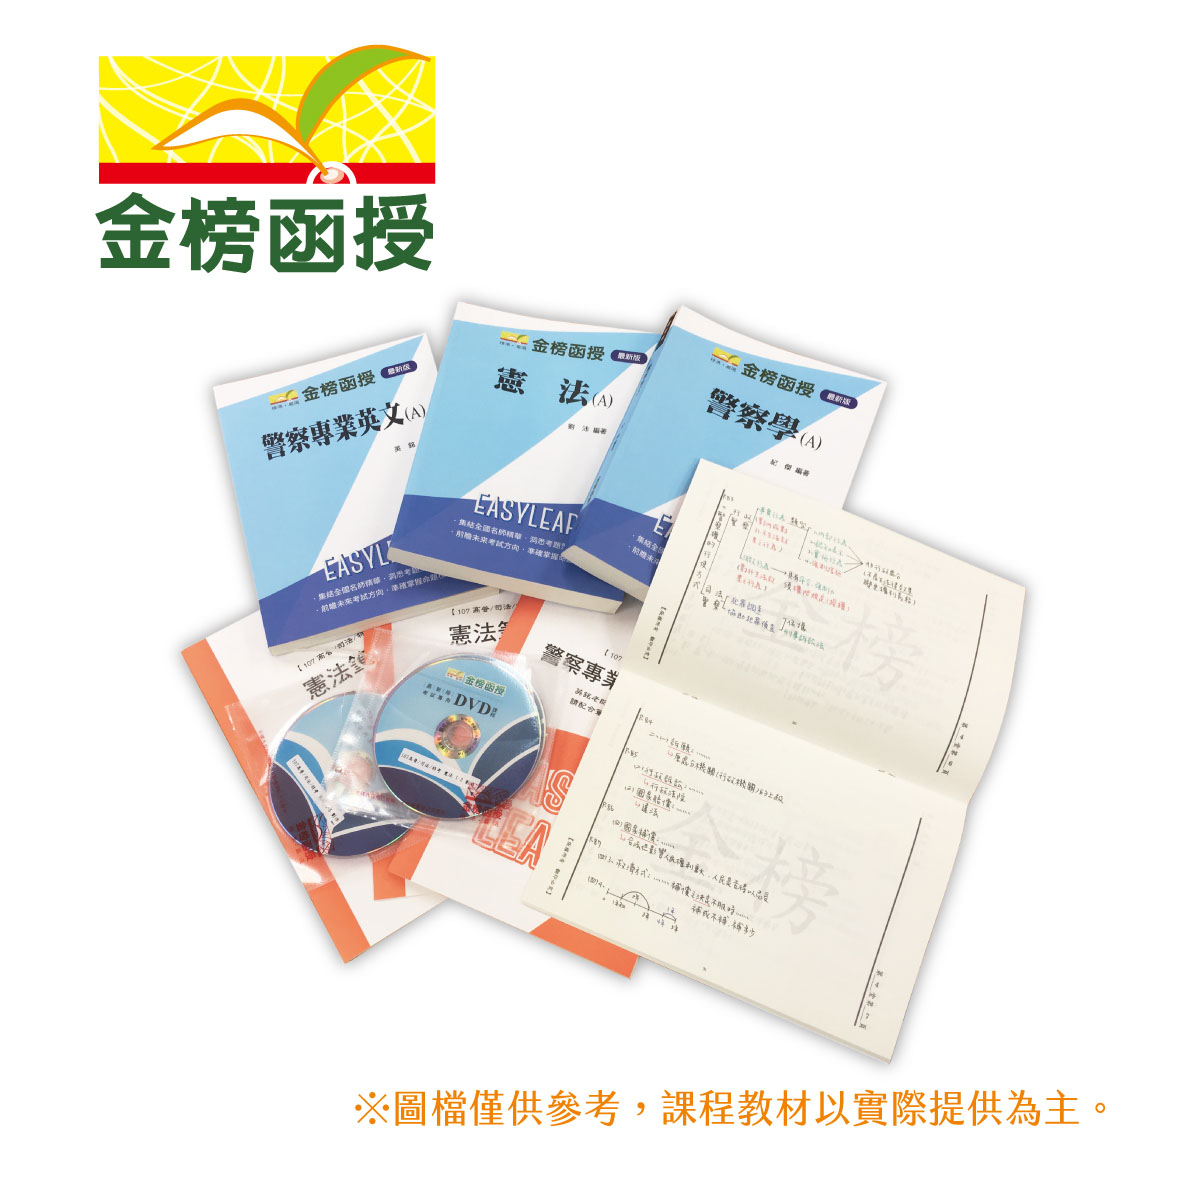 107金榜函授/地方特考/四等/全套/劳工行政/MP3/专业科目